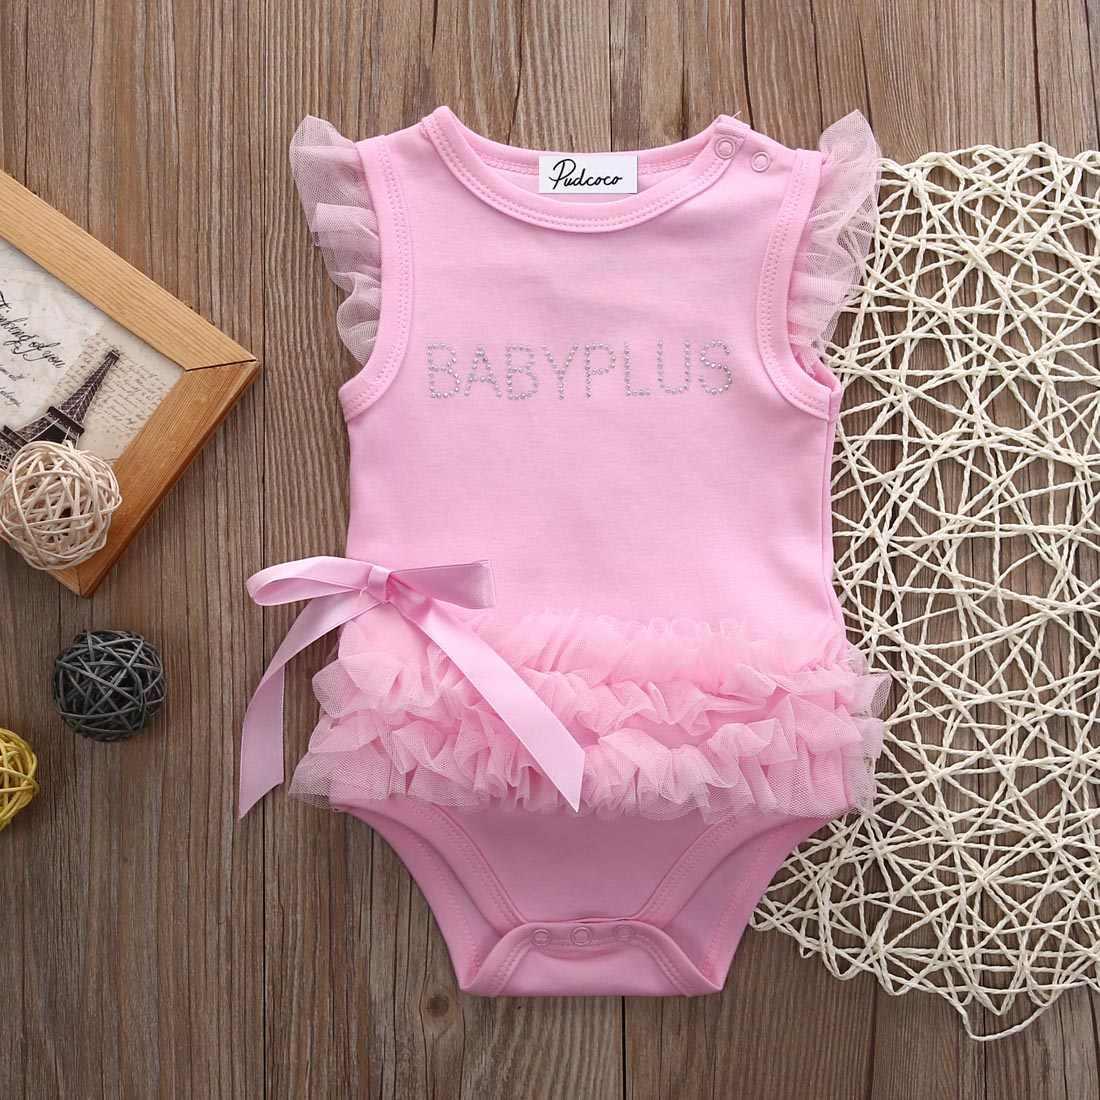 Moda princesa Rosa arco niña Romper bebé Niñas Ropa niños mono trajes 0-24 M